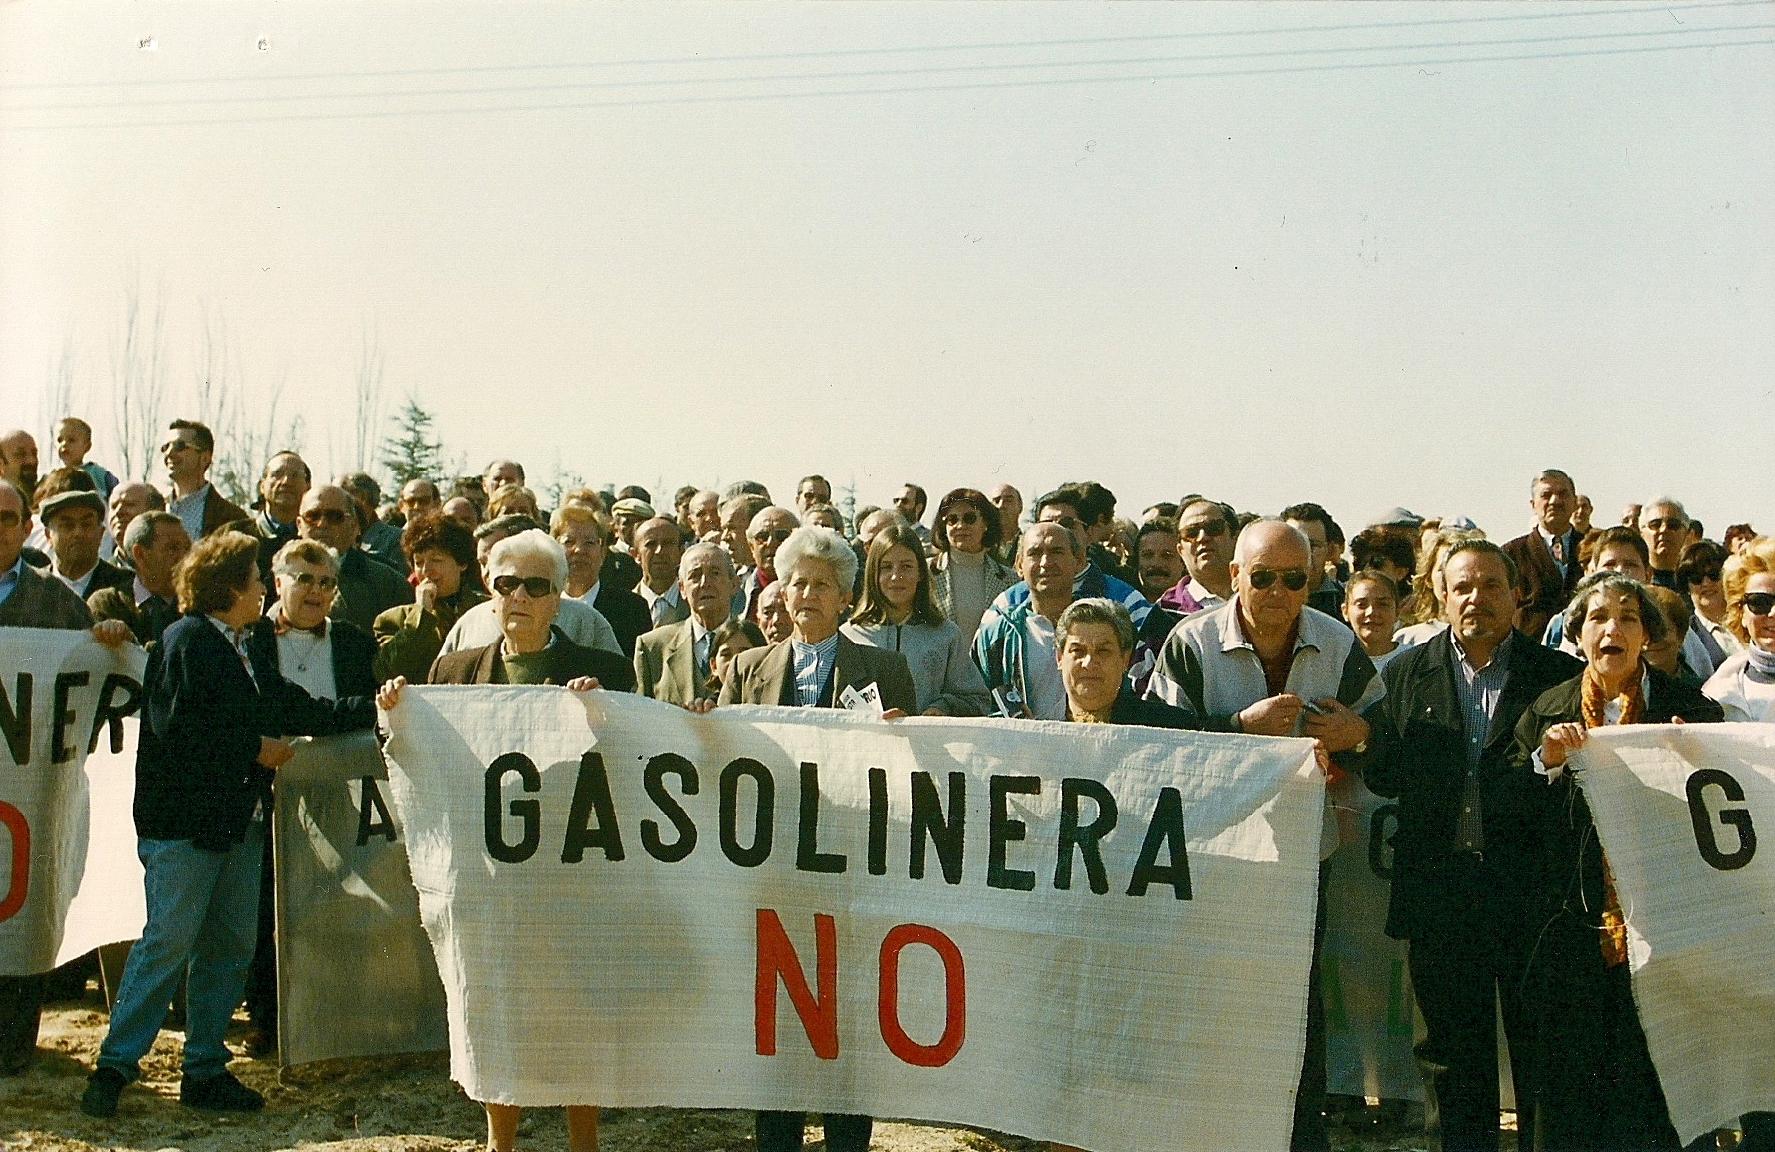 13.1 Concenttración contra gasolinera en el Parque de las Cruces (1998)